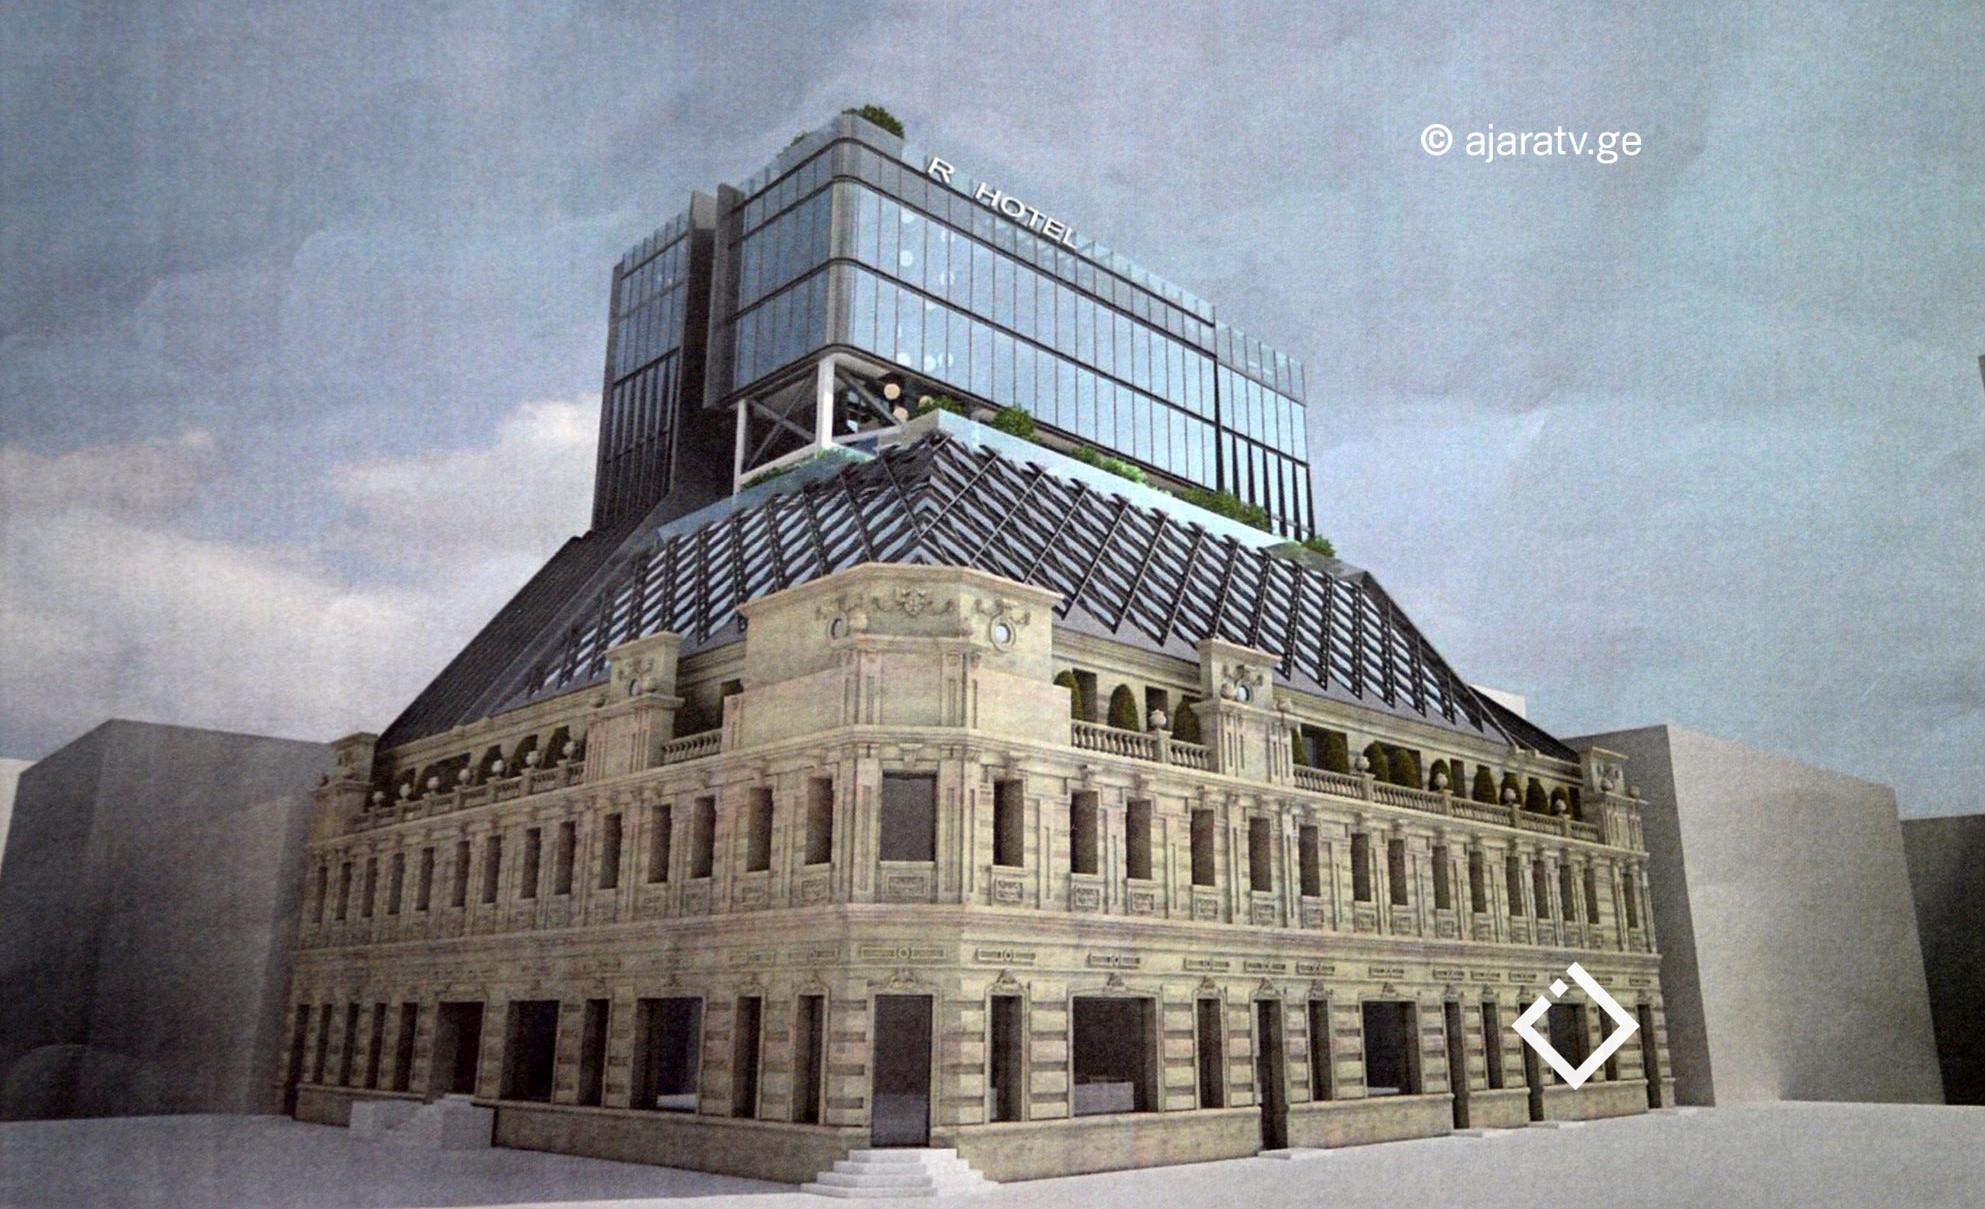 ინვესტორი - ''კომპანიის სურვილია, შენობას ქონდეს ისტორიული იერსახე და იყოს შეძლებისდაგვარად მაღალი